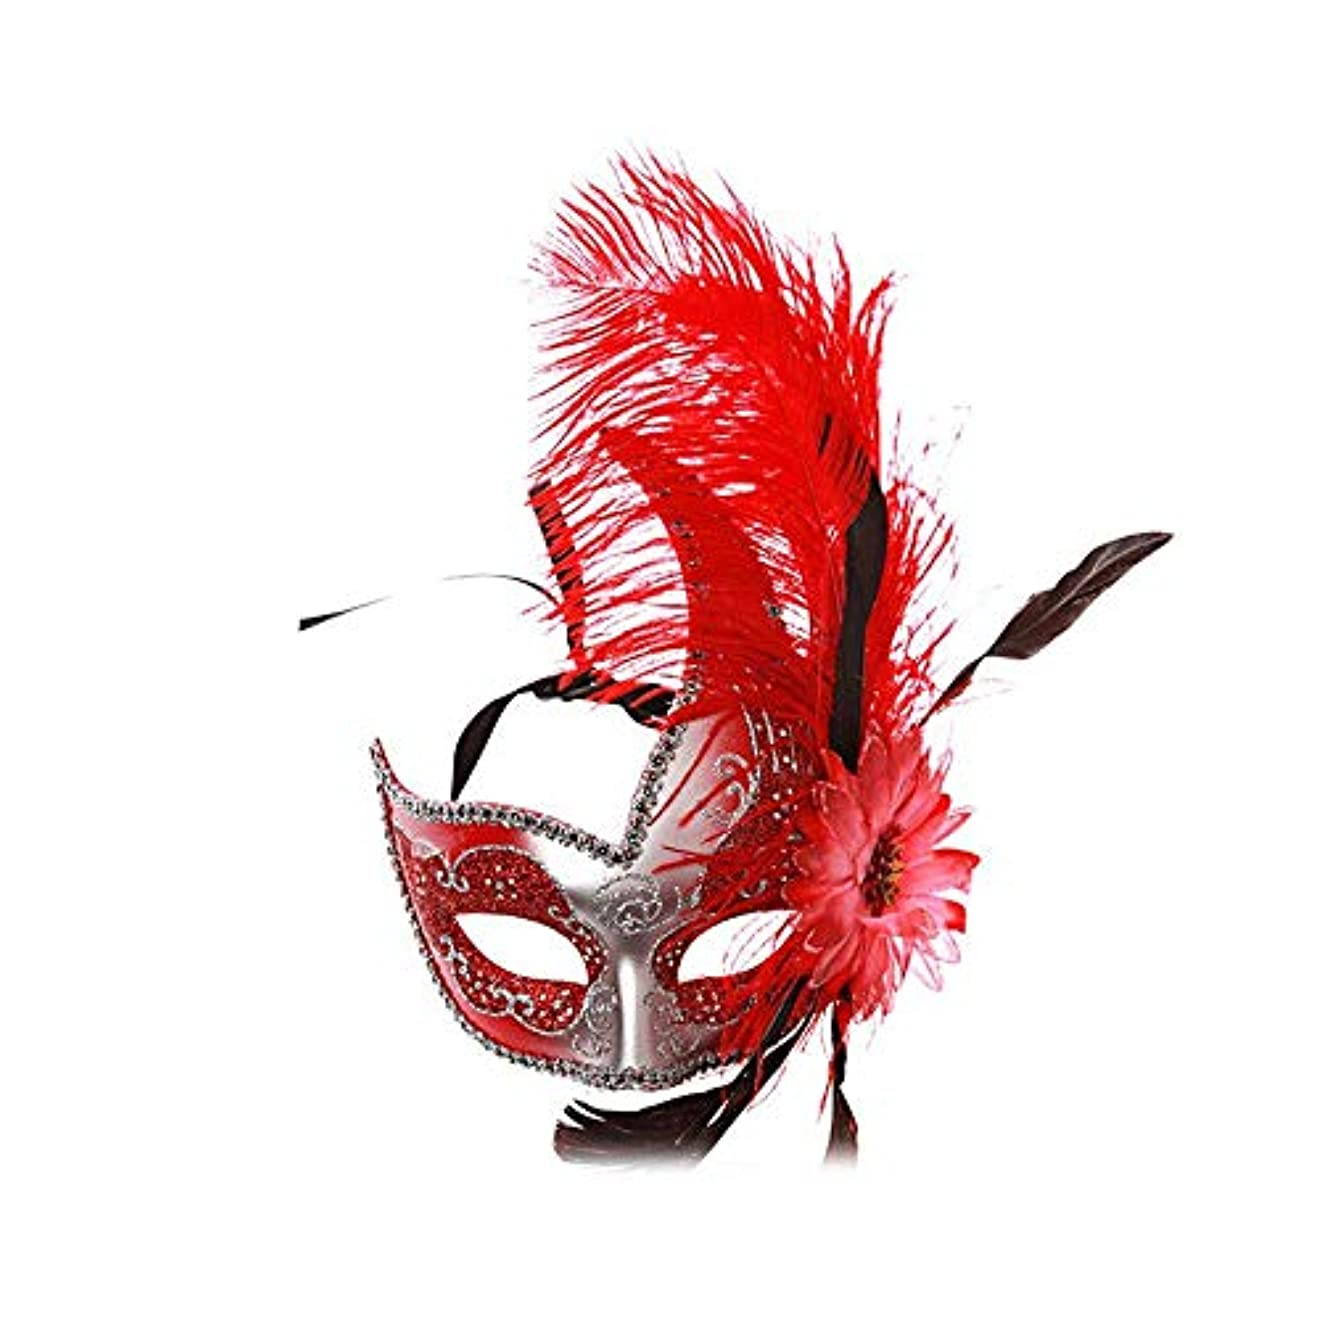 男らしさ難しい投げ捨てるNanle ハロウィンマスクハーフフェザーマスクベニスプリンセスマスク美容レース仮面ライダーコスプレ (色 : Style B red)